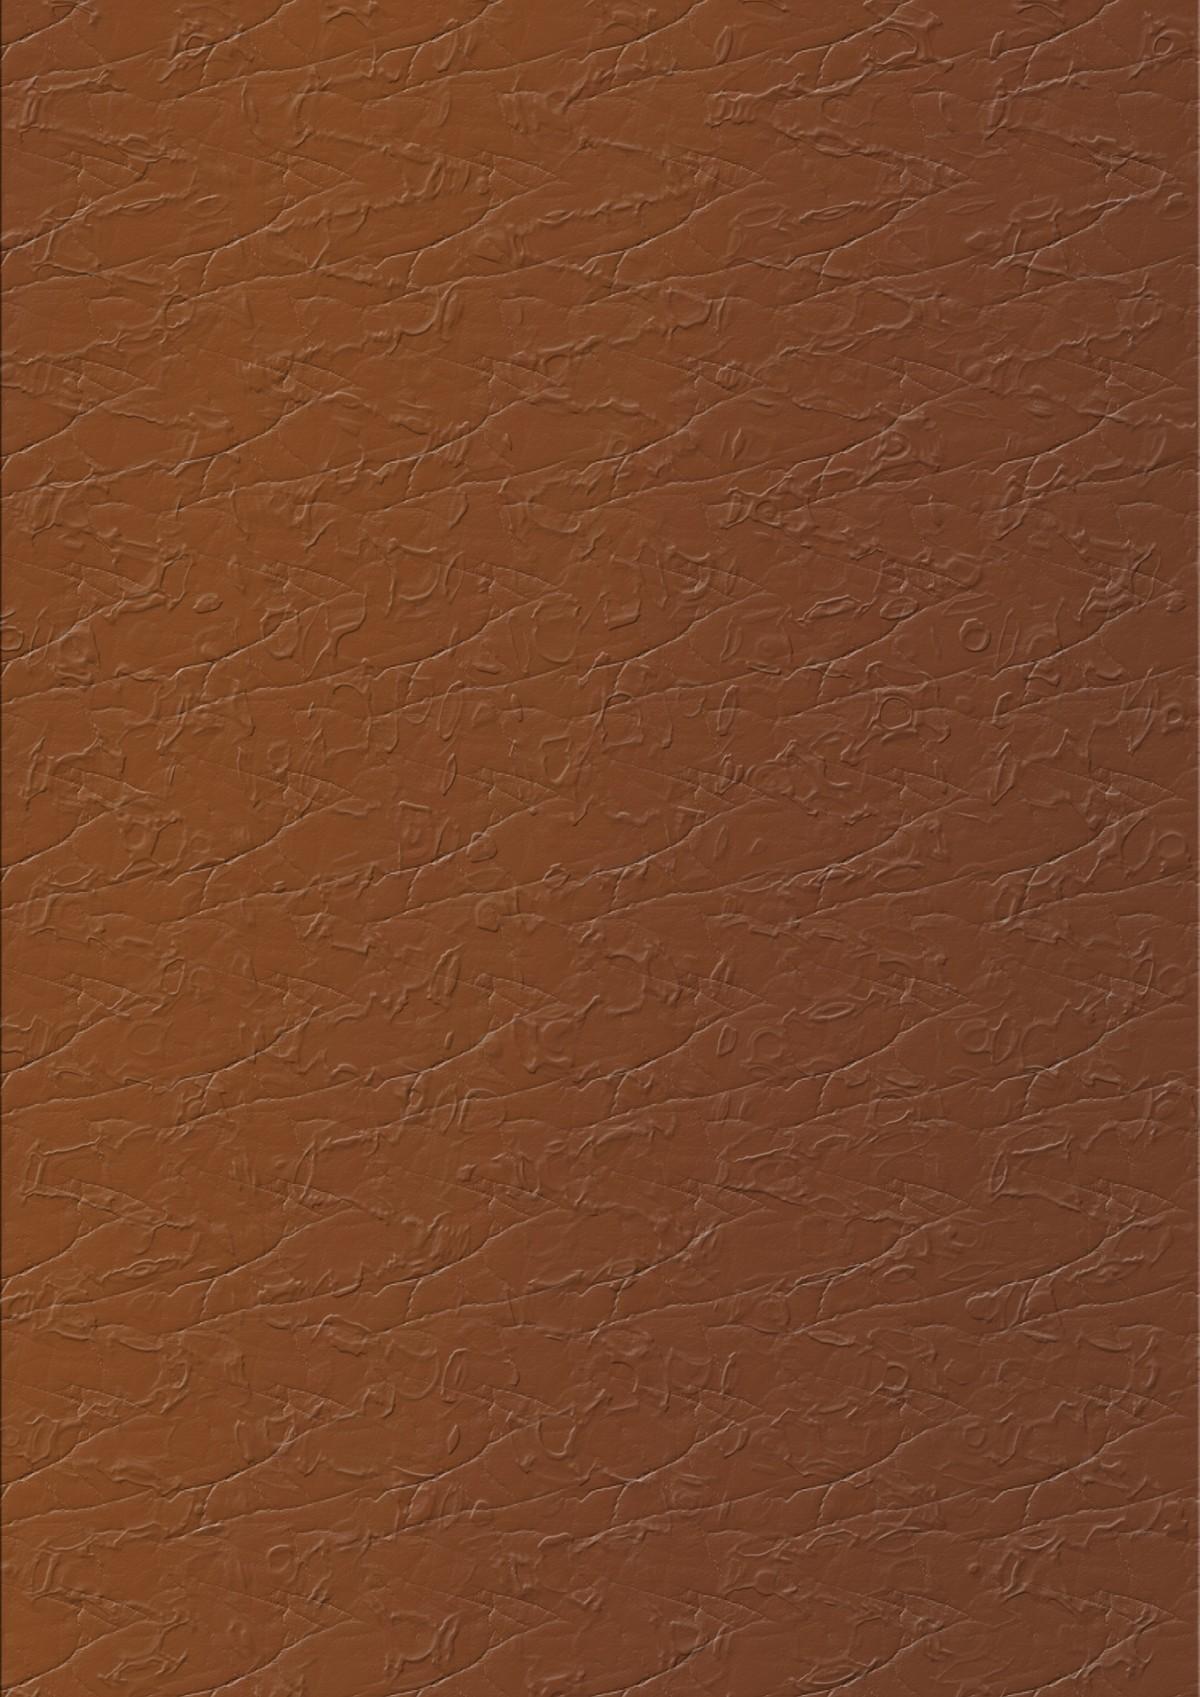 무료 이미지 : 조직, 무늬, 타일, 노랑, 견목, 벽지, 합판, 나무 ...